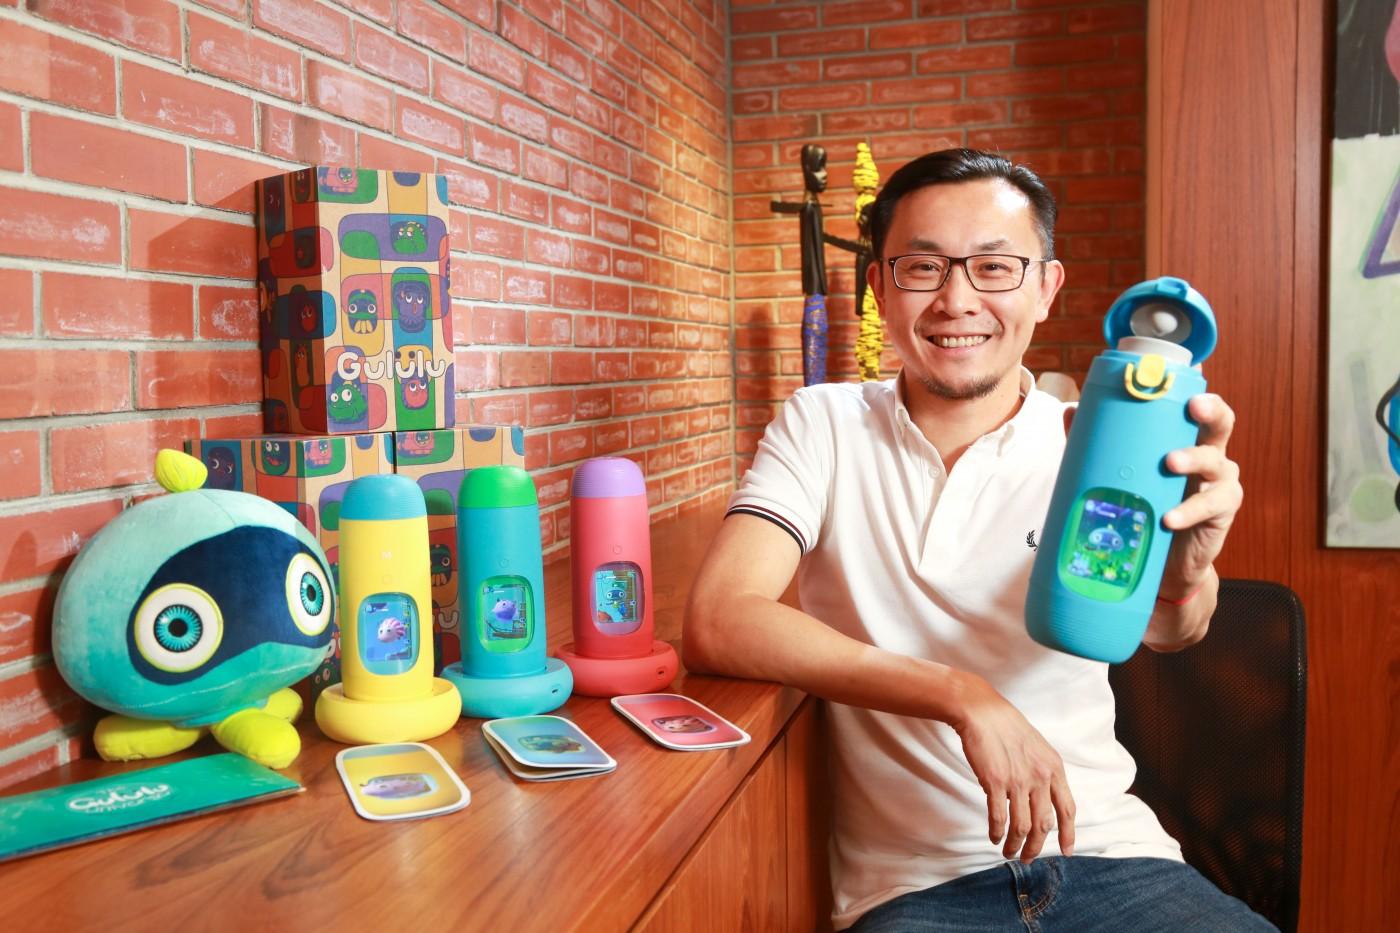 讓鴻海點頭代工、亞馬遜獨家銷售的智慧水壺,如何用遊戲讓小孩子愛上喝水